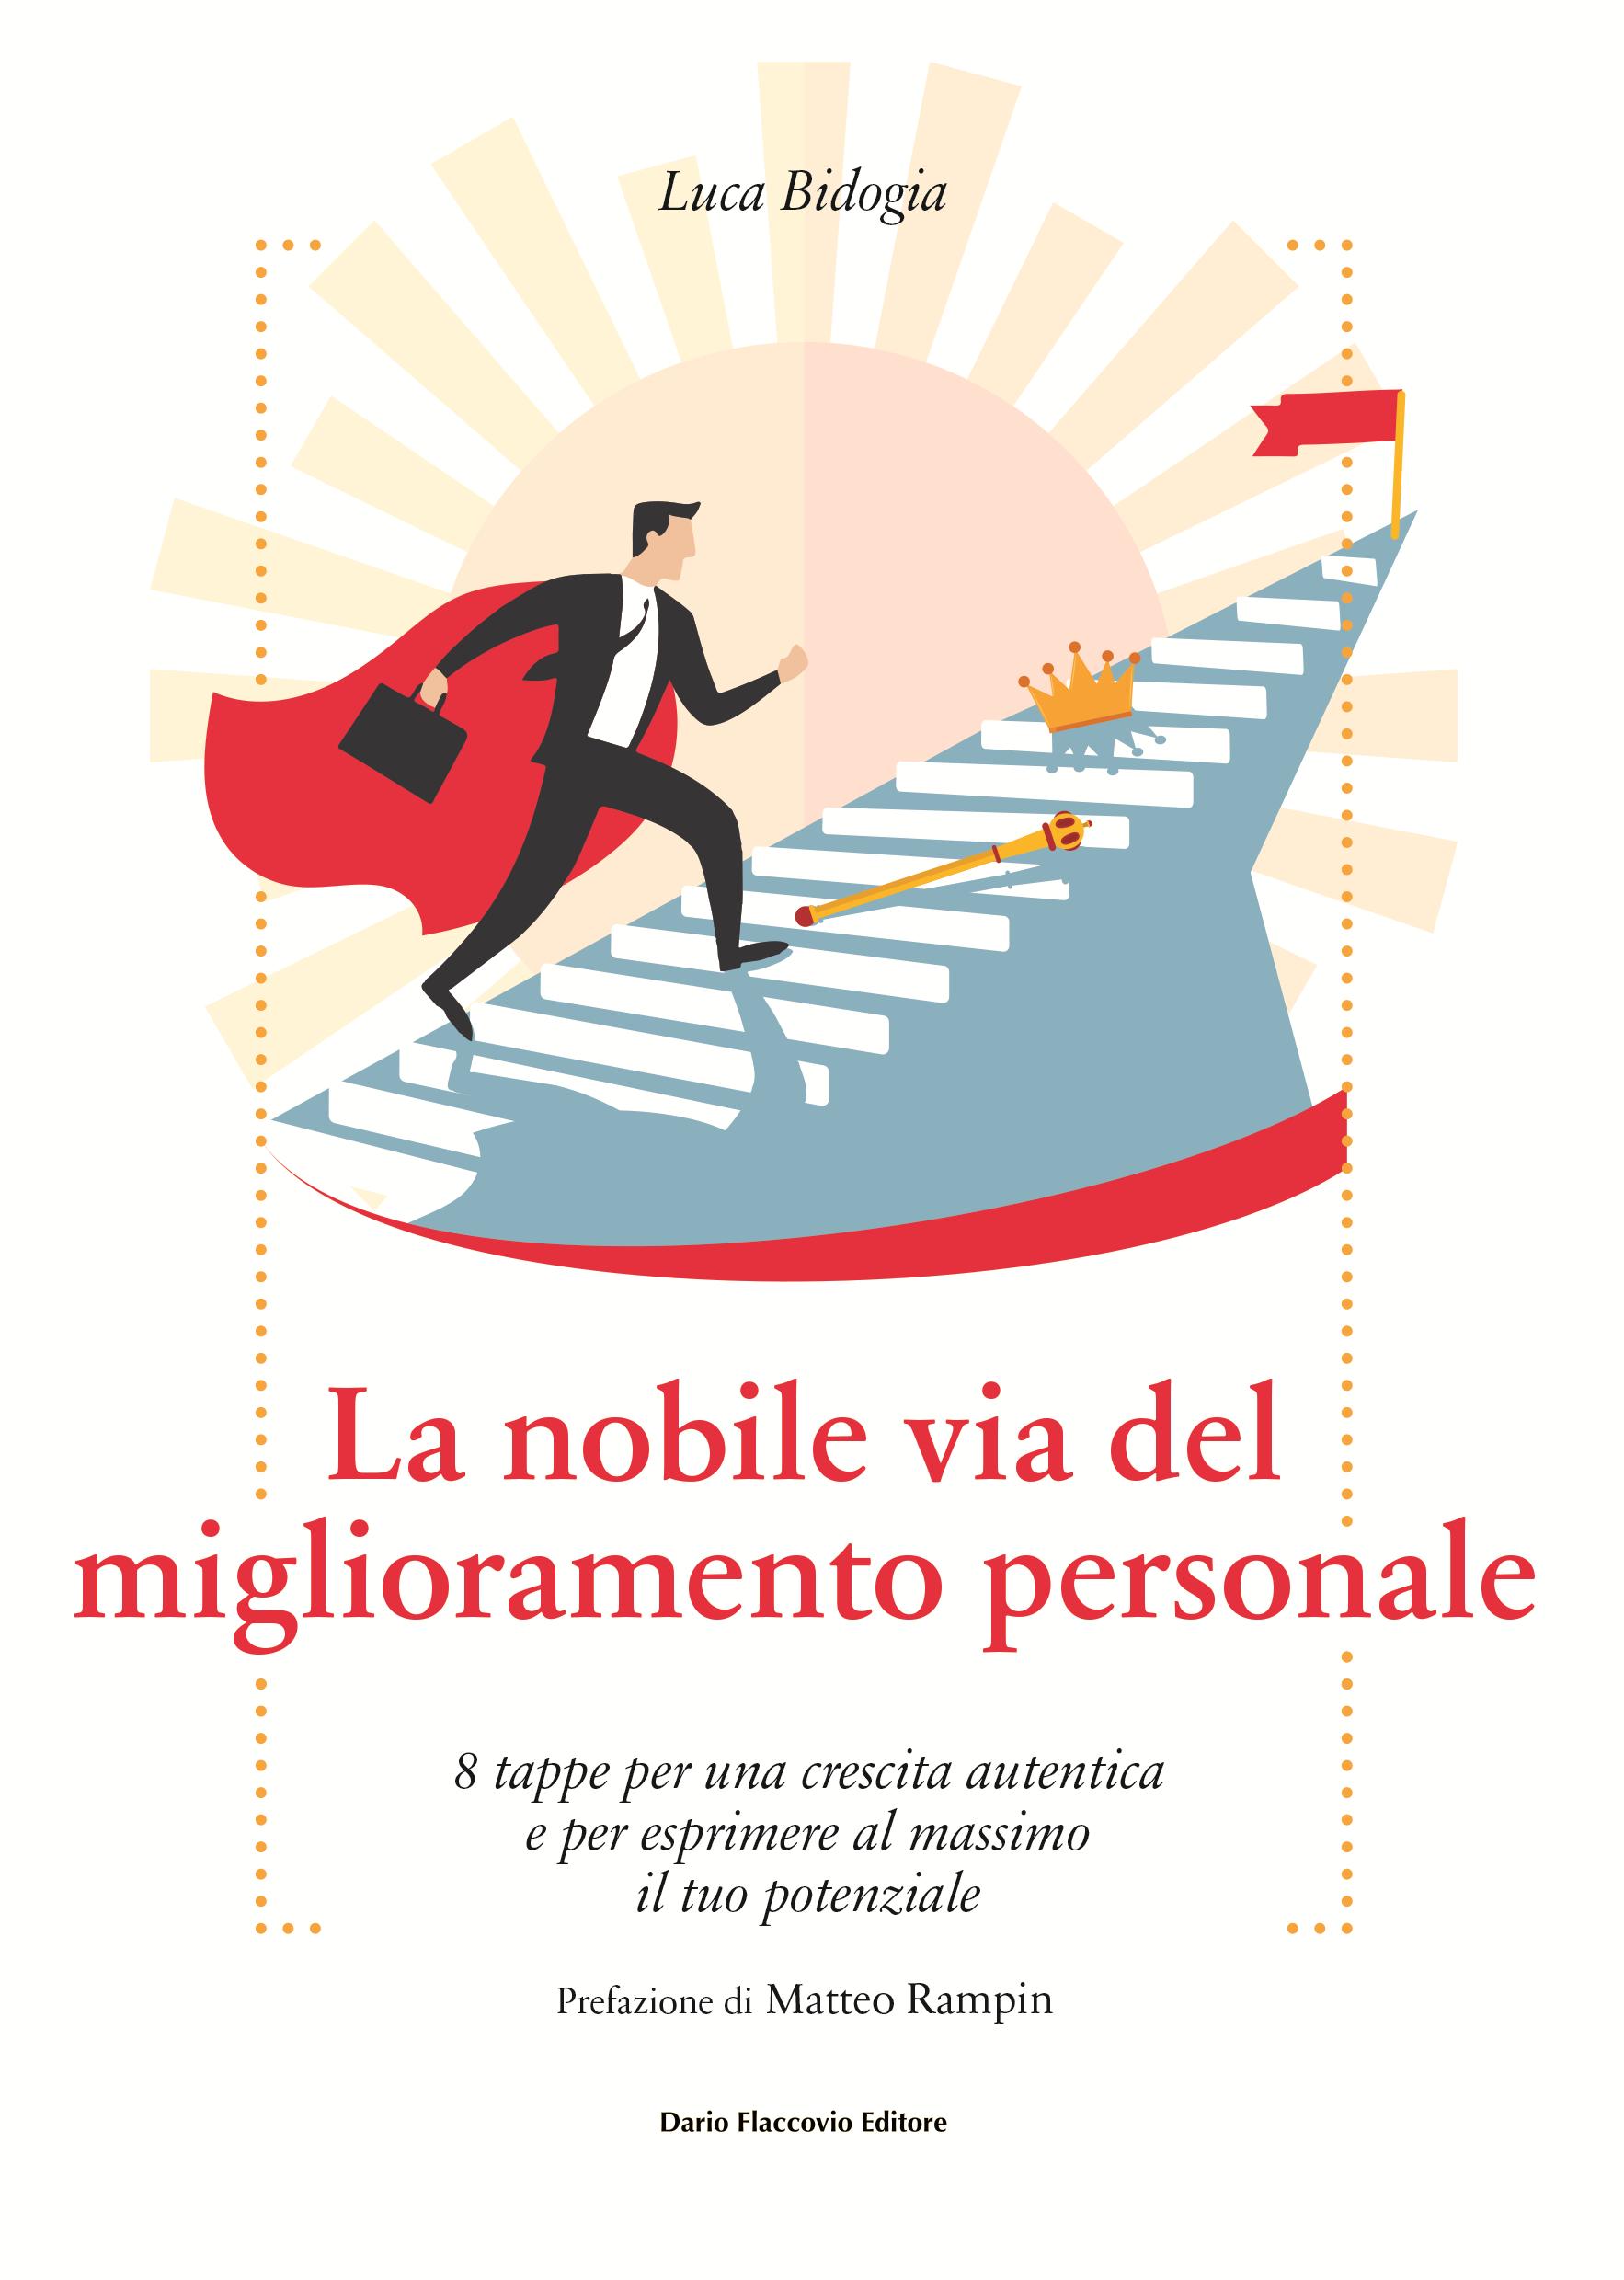 La nobile via del miglioramento personale - libro